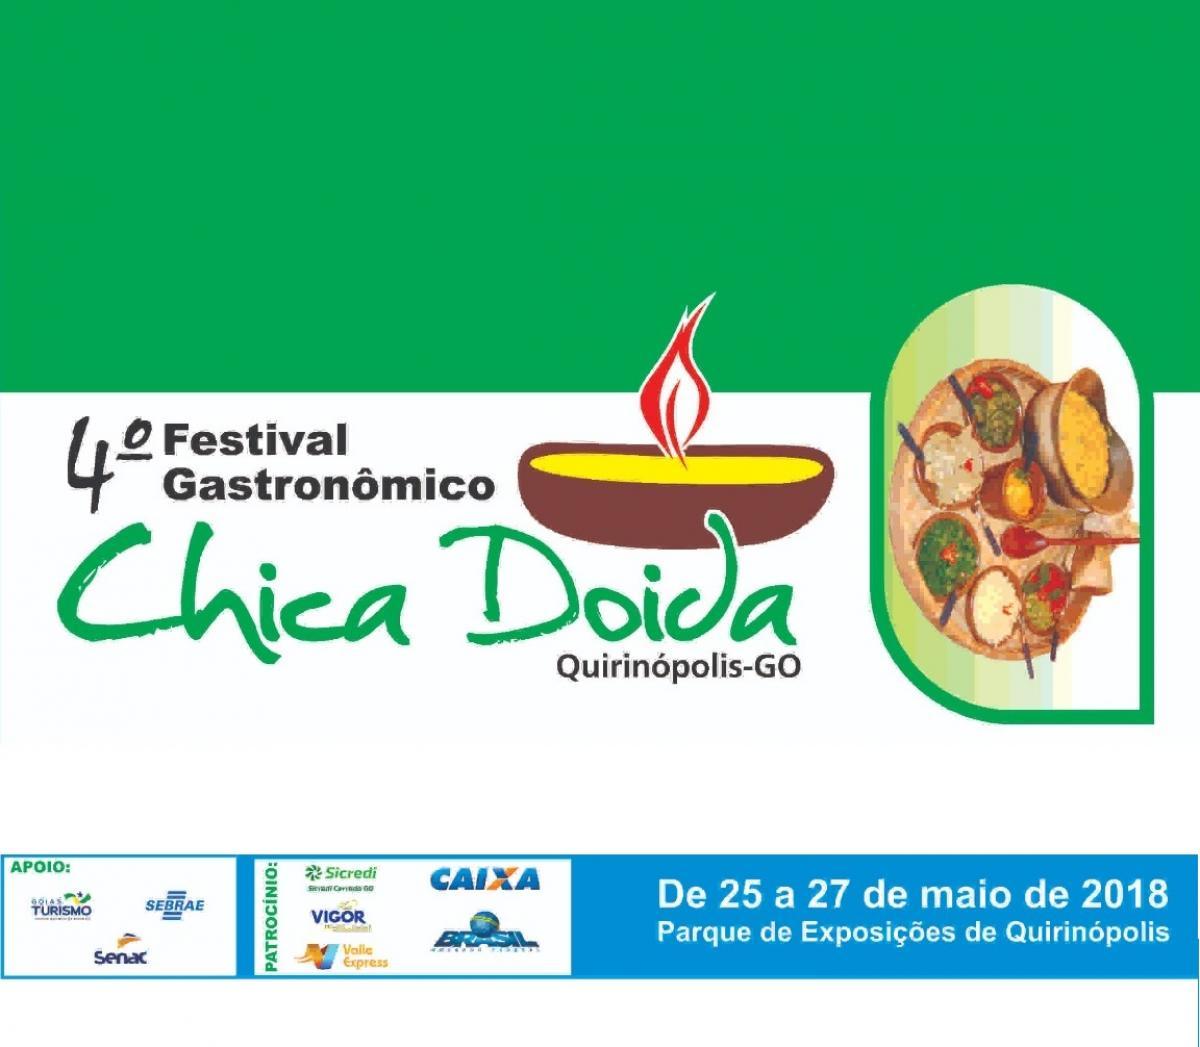 Está chegando o 4º Festival Chica Doida de Quirinópolis